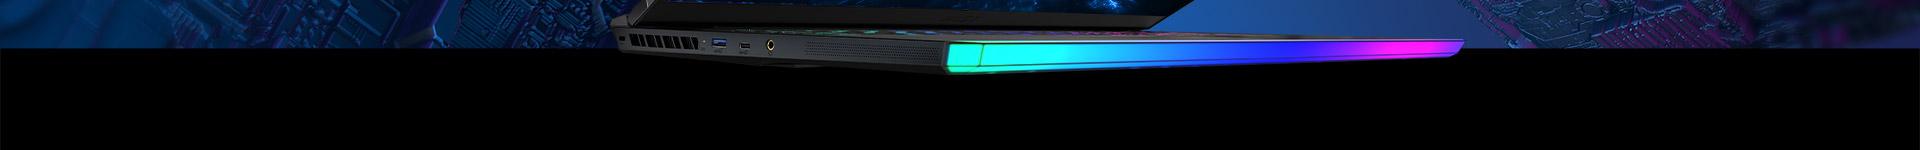 ge76 raider light